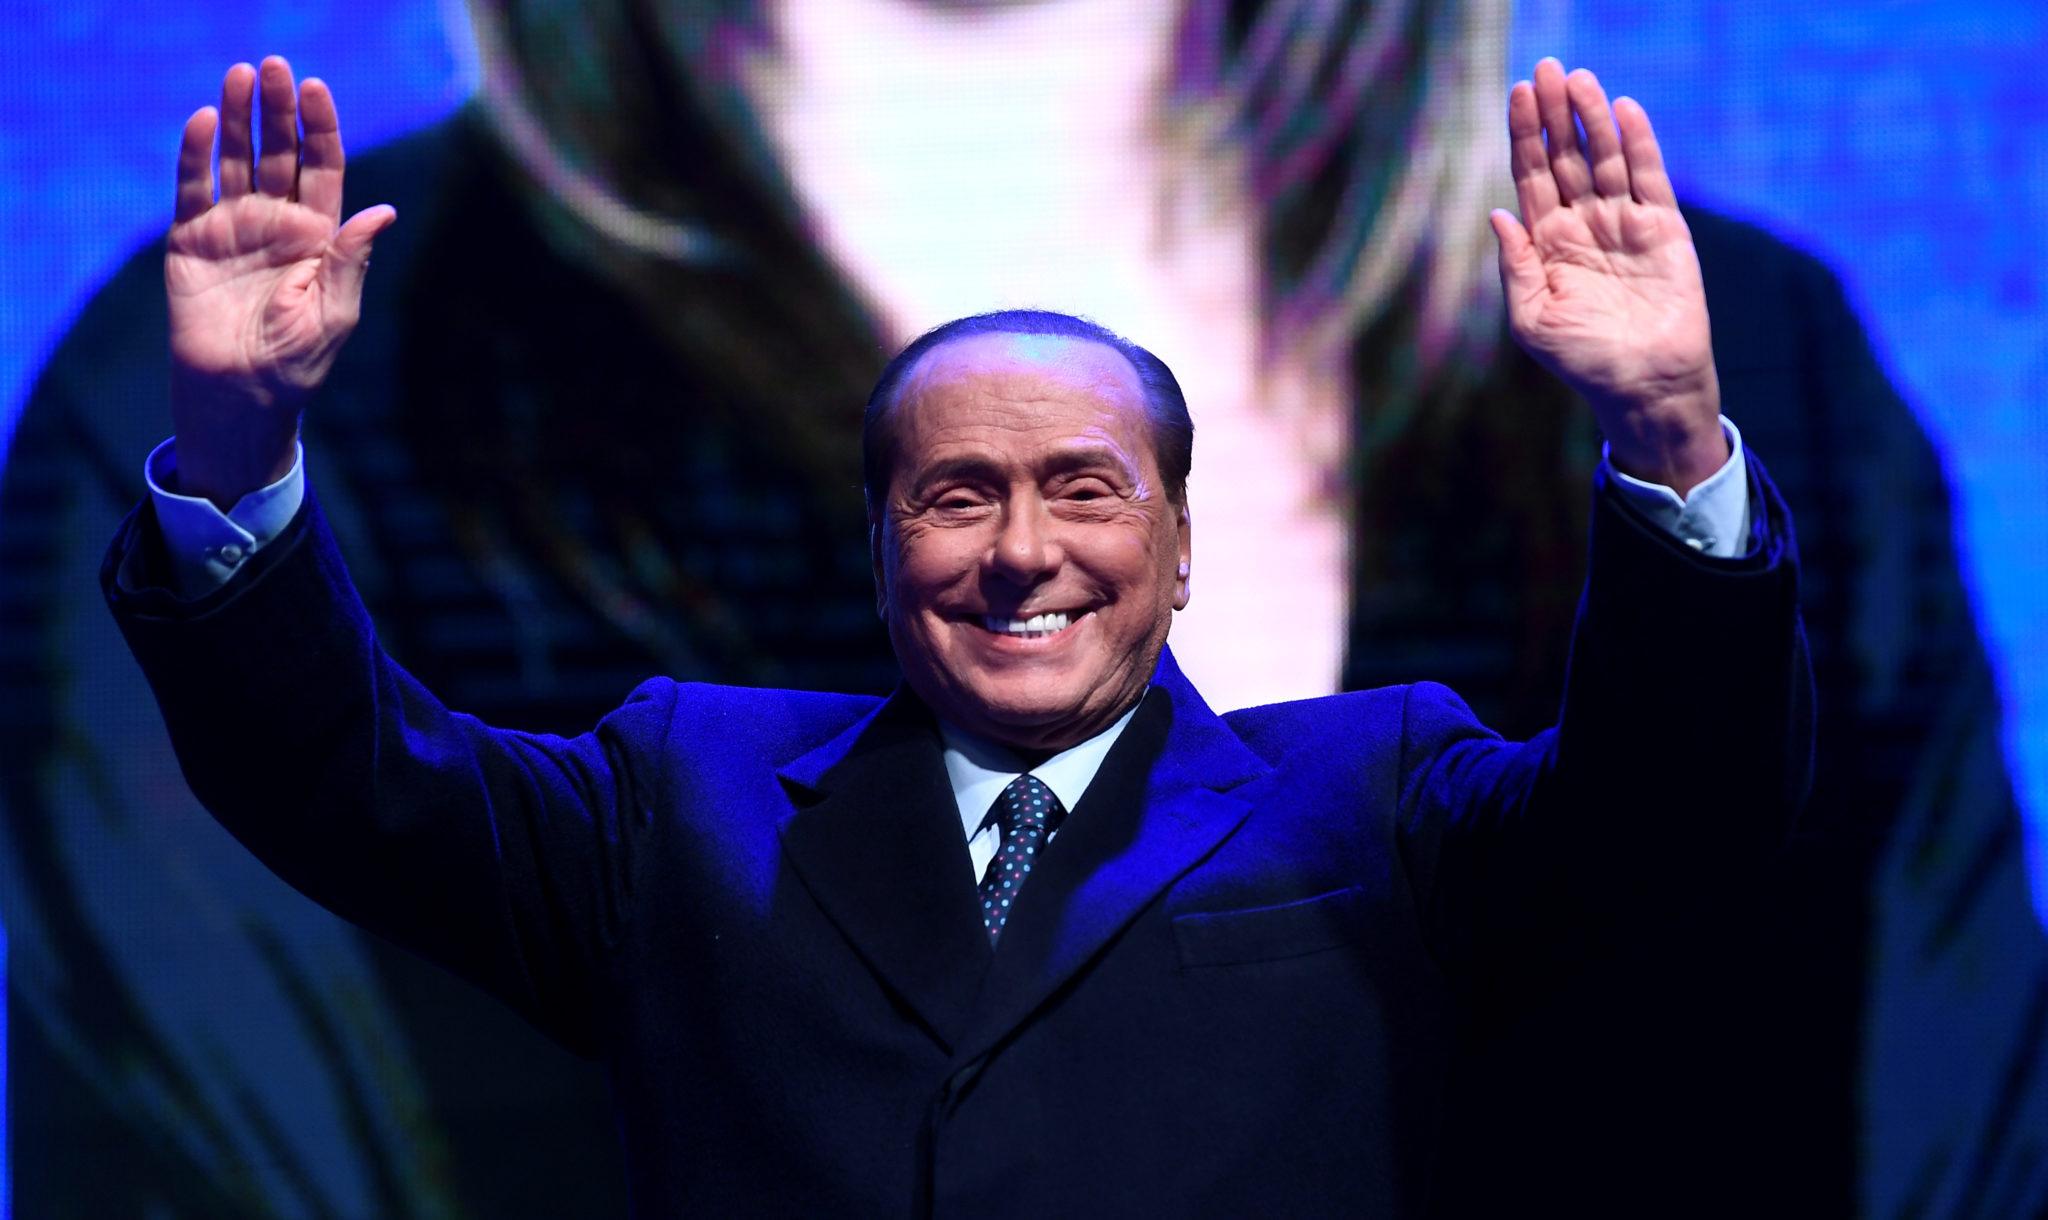 Nooit verandert in Italië iets: Berlusconi terug in centrum macht Rome én  EU - EW